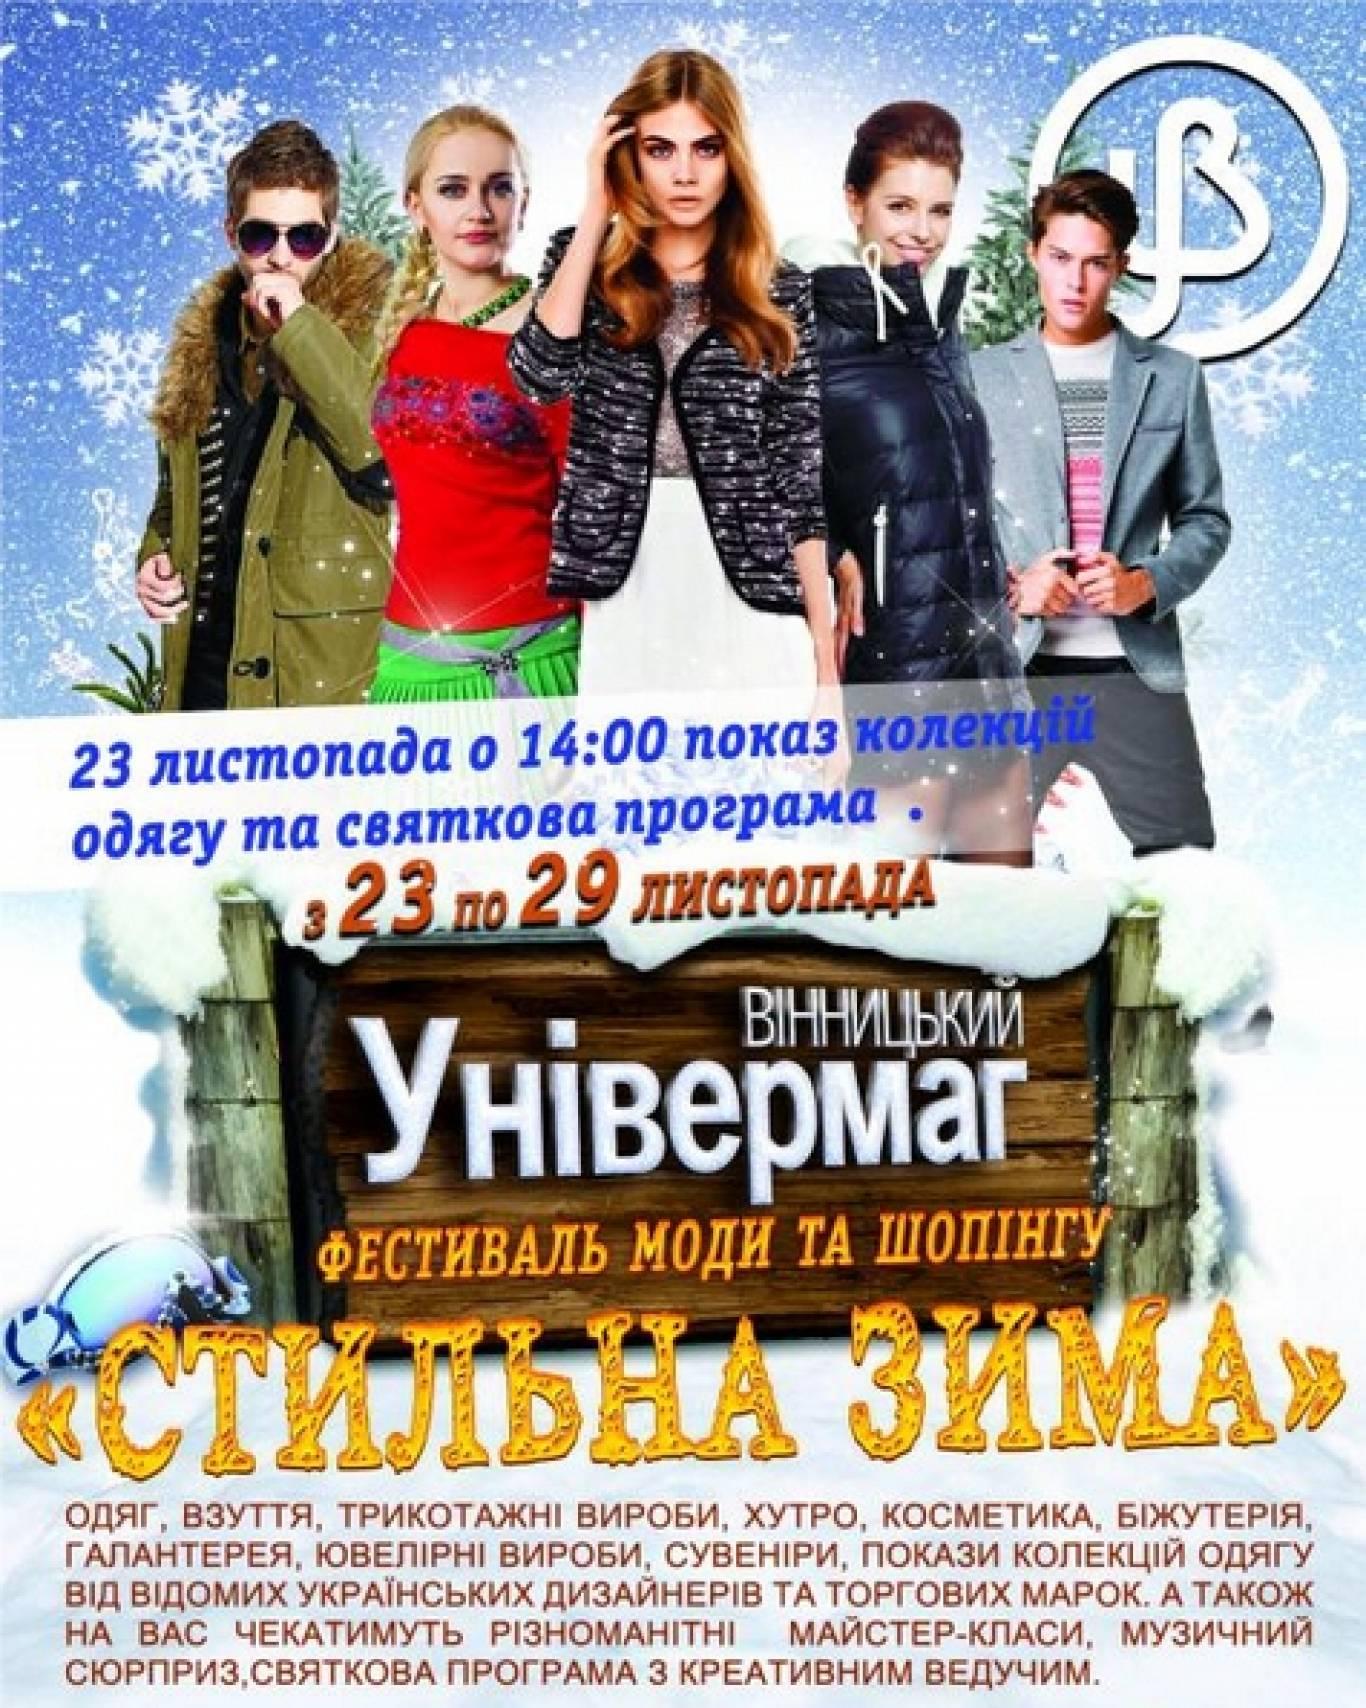 Всеукраїнський фестиваль моди та шопінгу «Стильна зима»